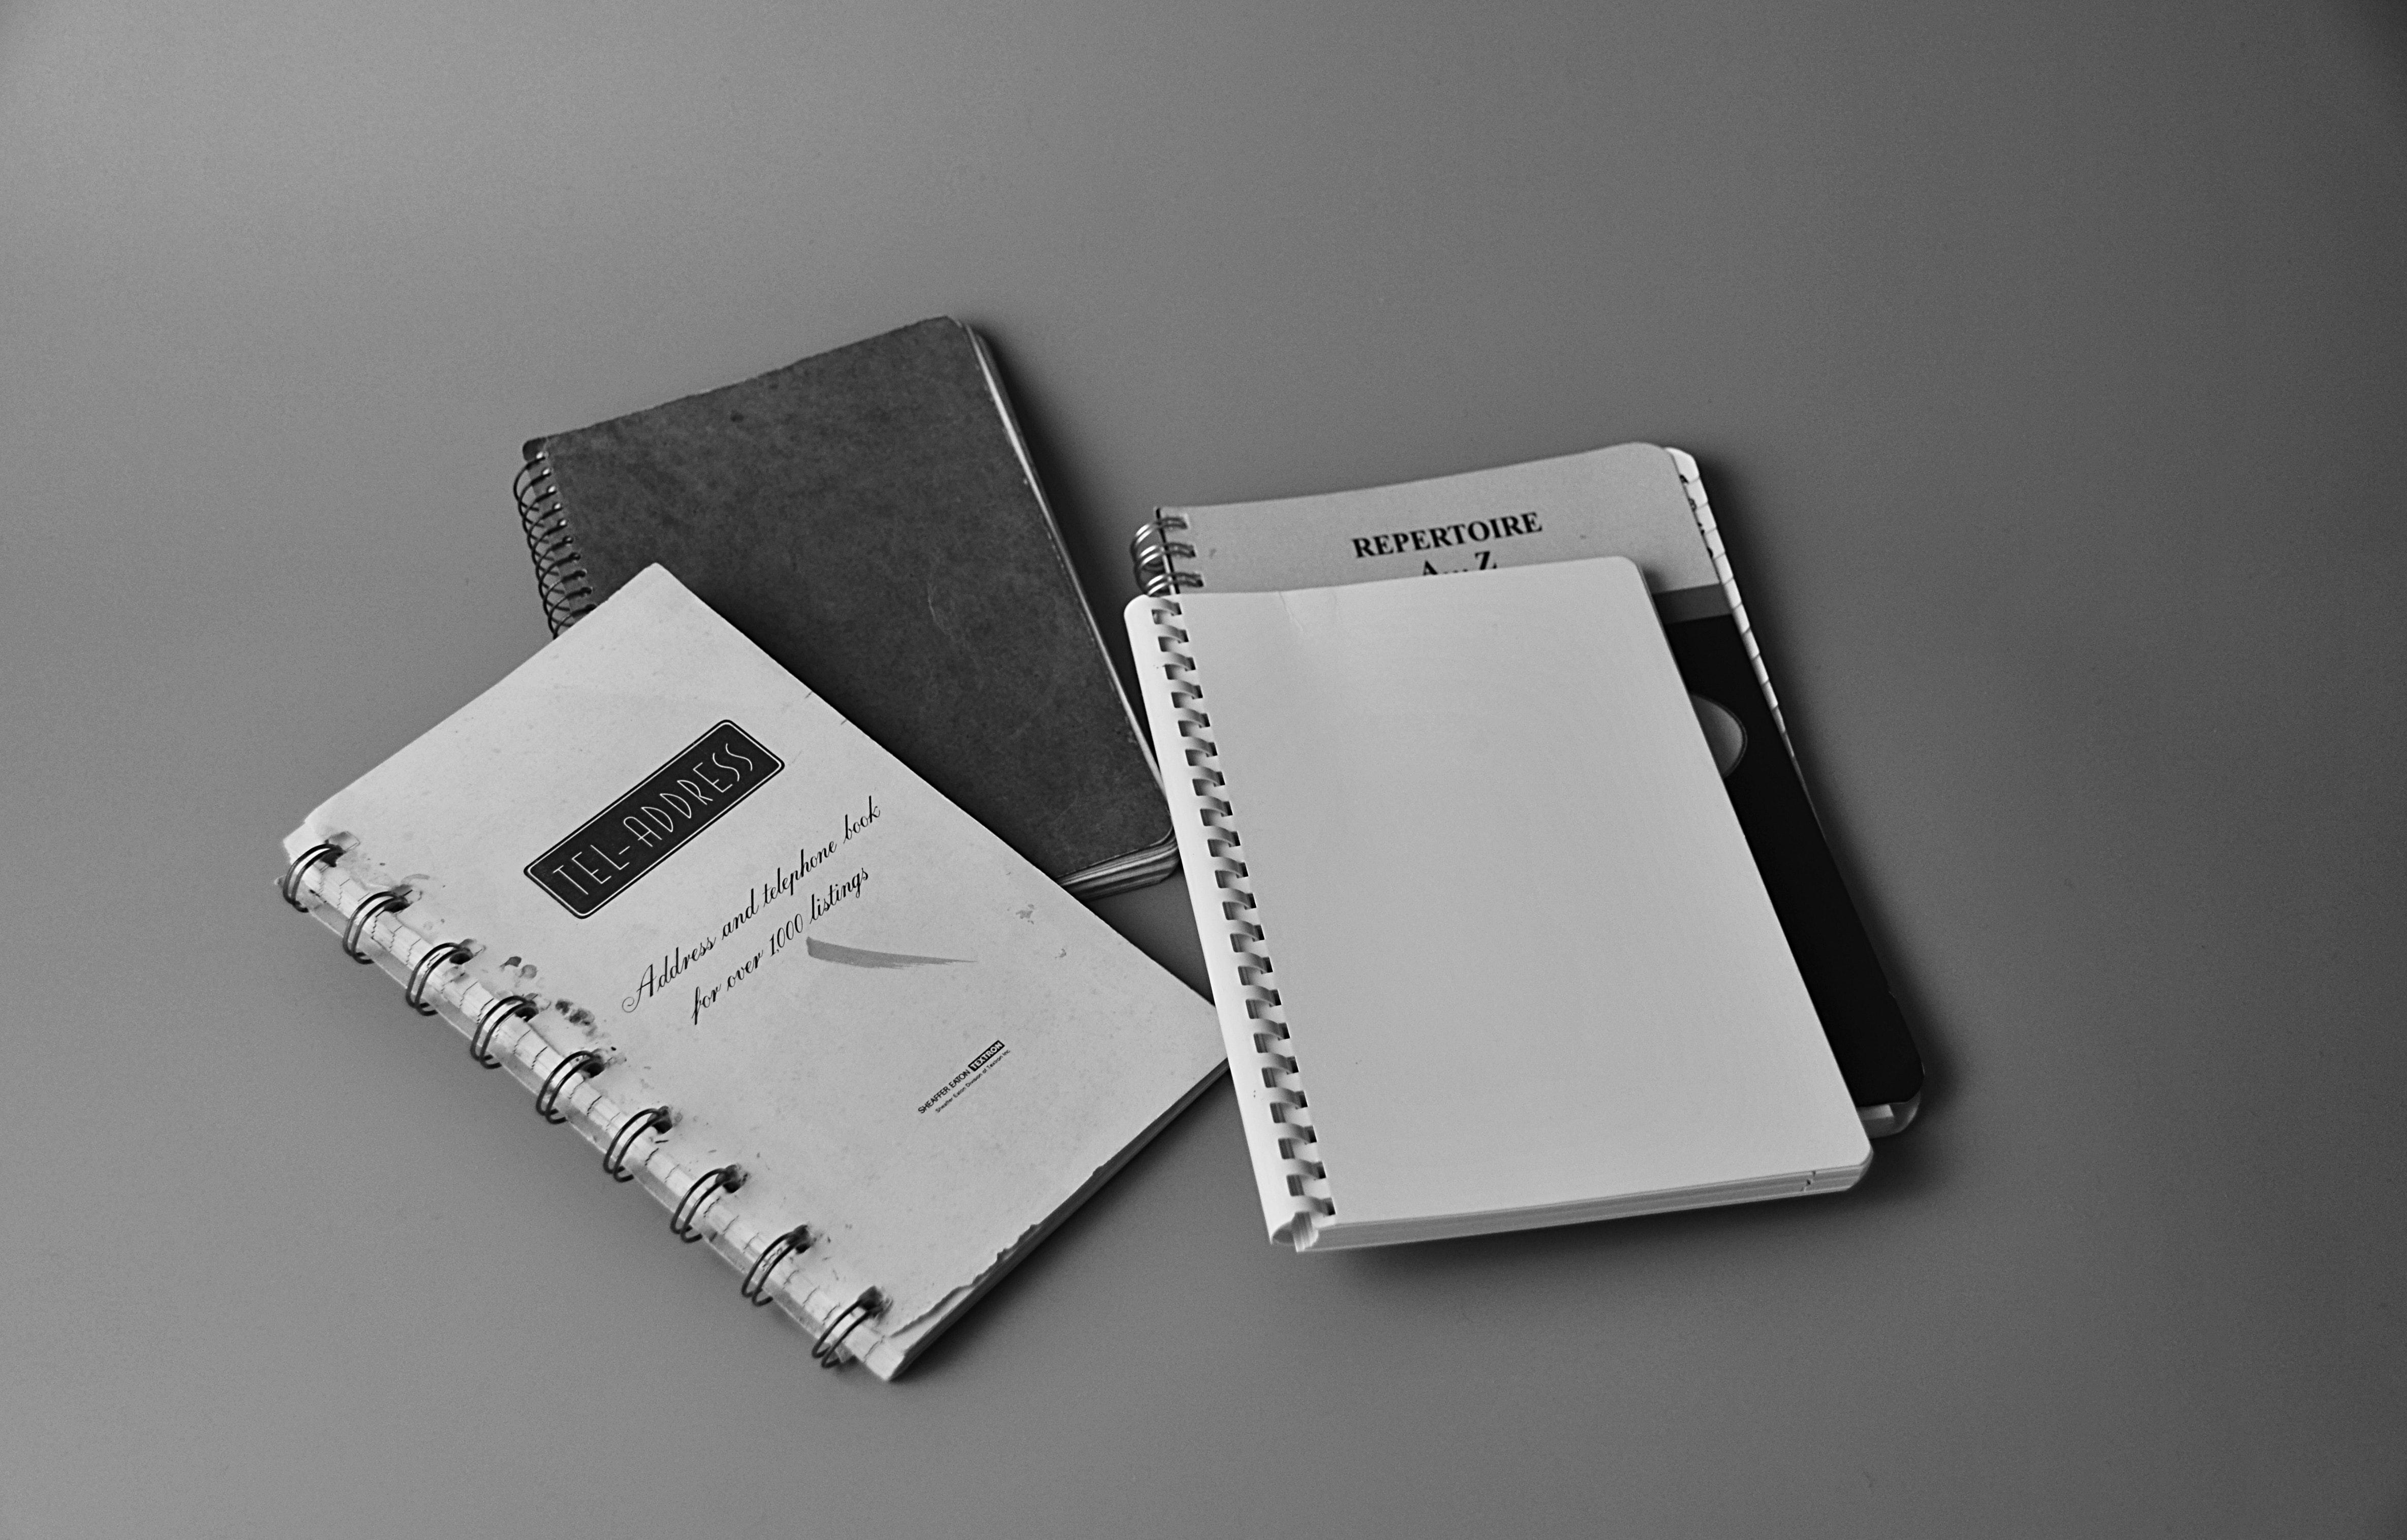 Promociona tu agencia en una edición única que incluye cientos de negocios líderes en su campo que te posicionarán como los mejores servicios.